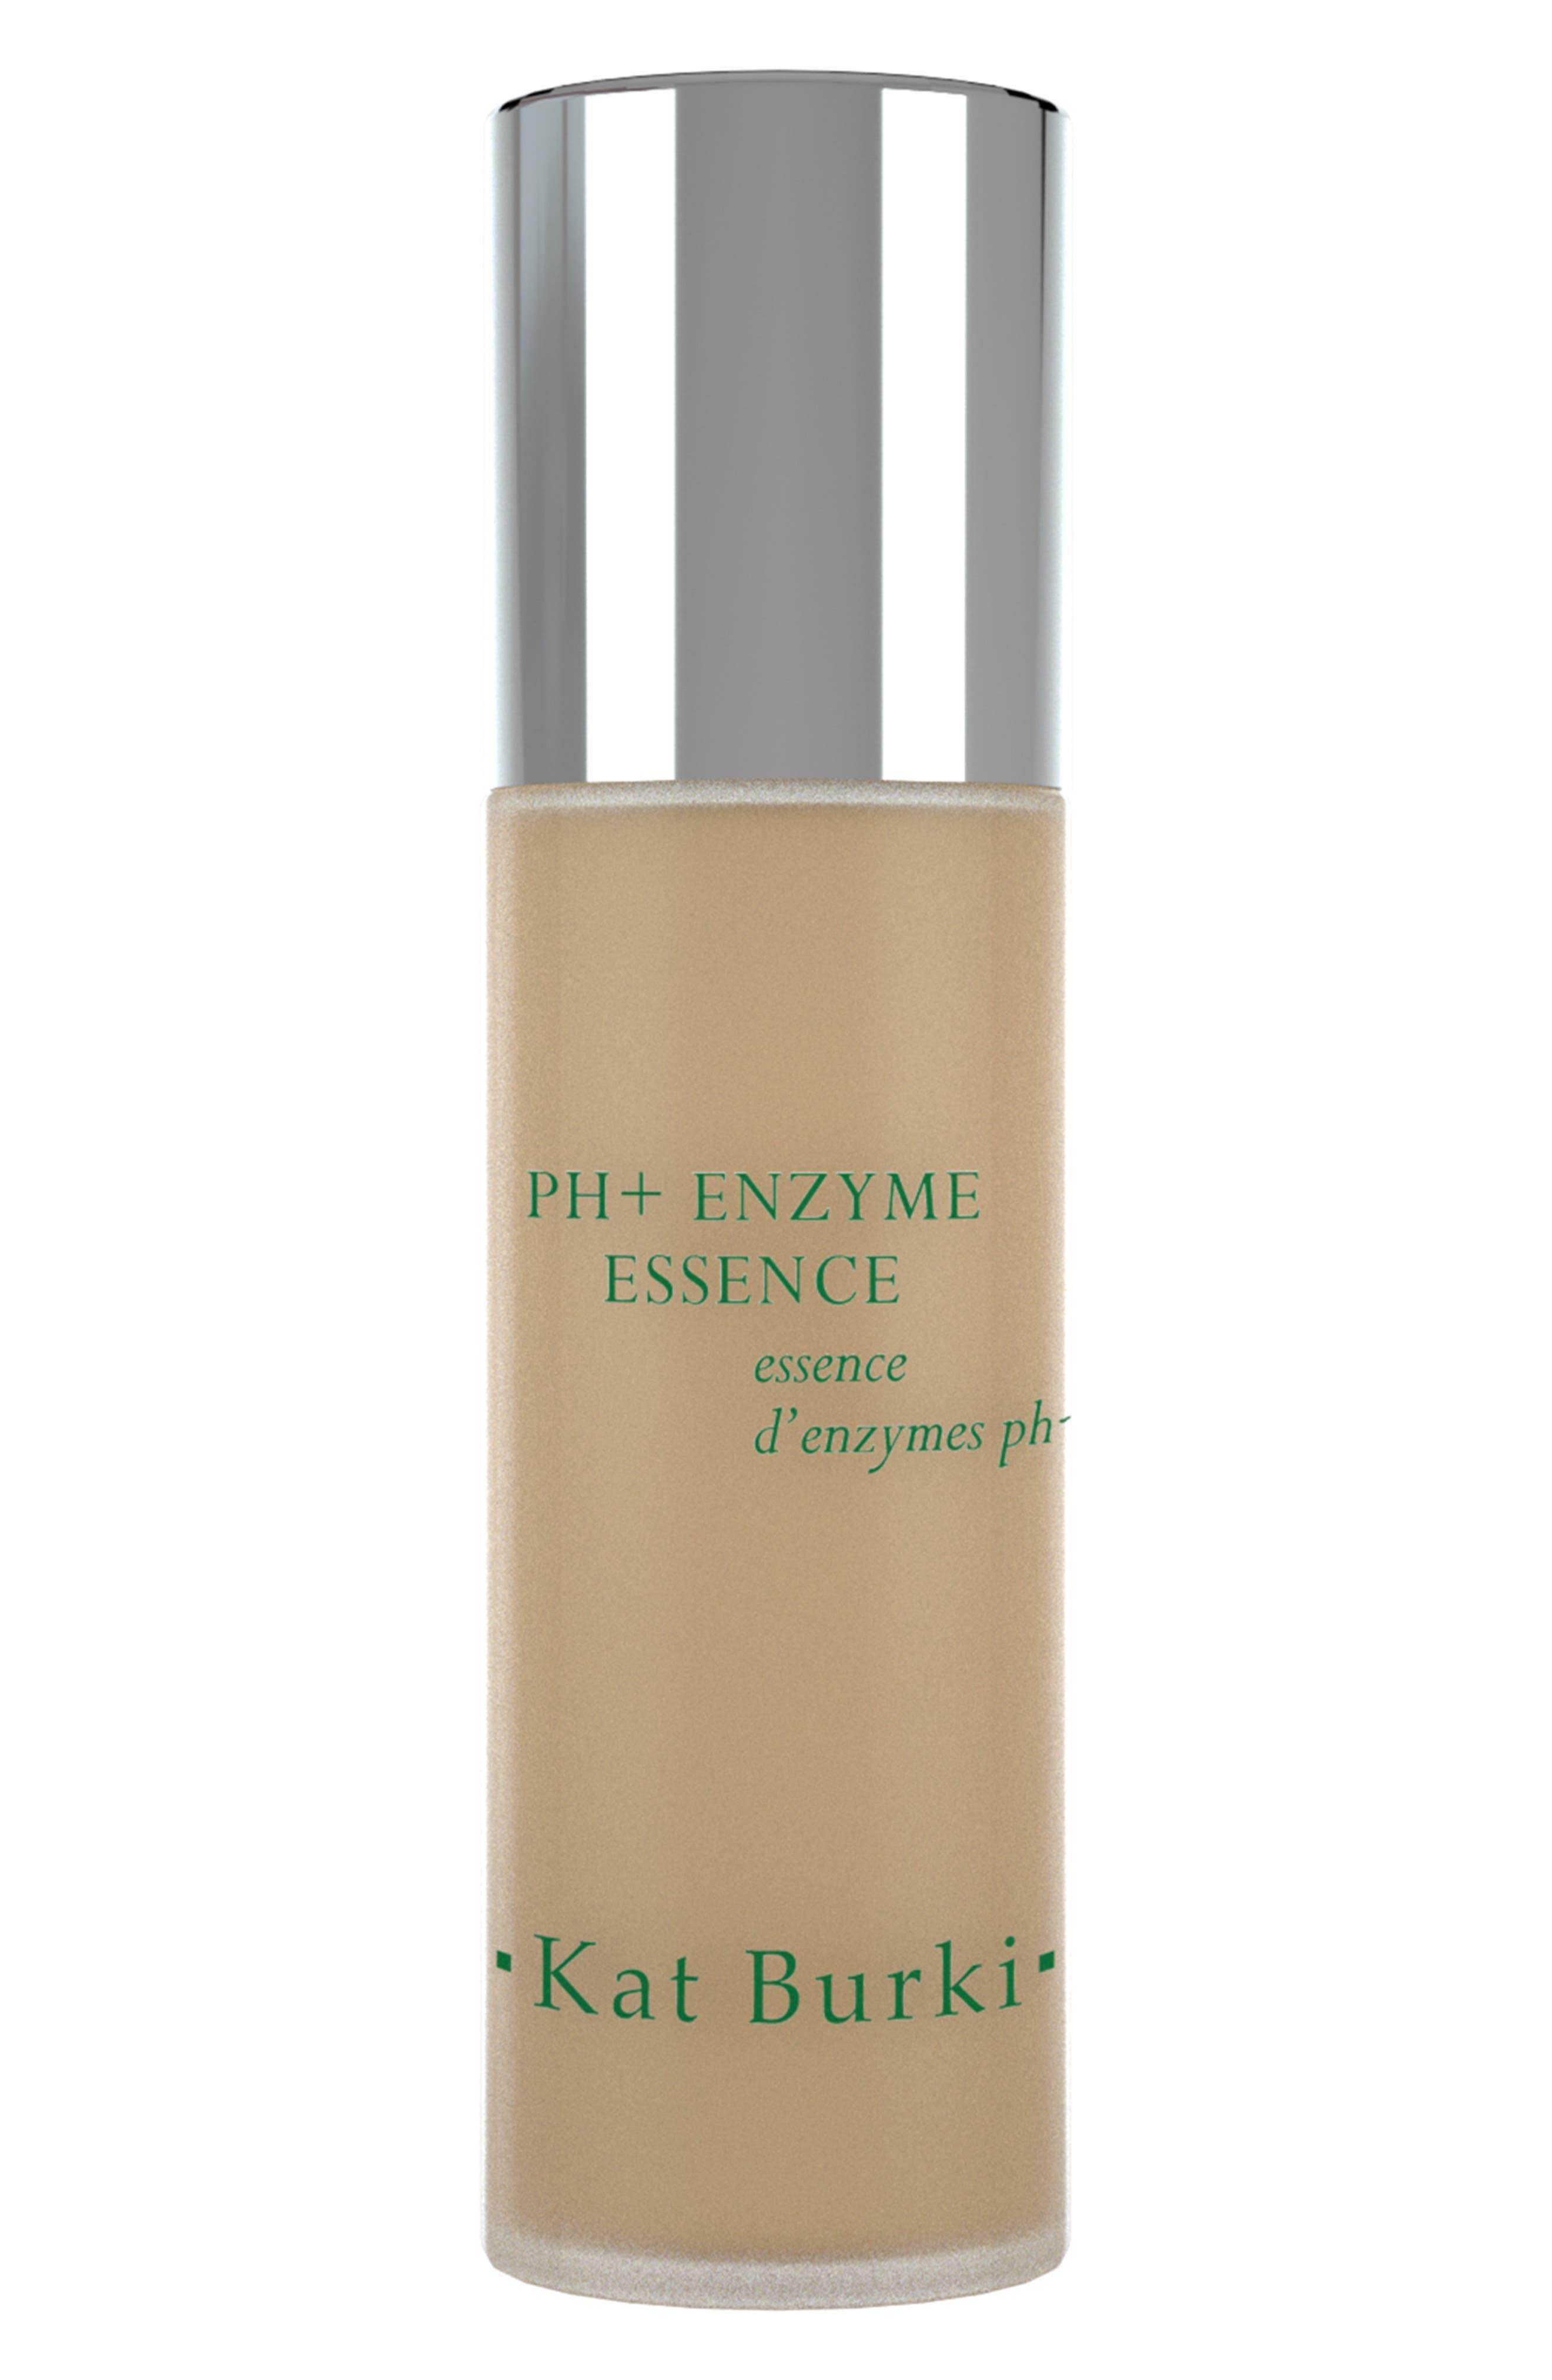 Ph + Enzyme Essence